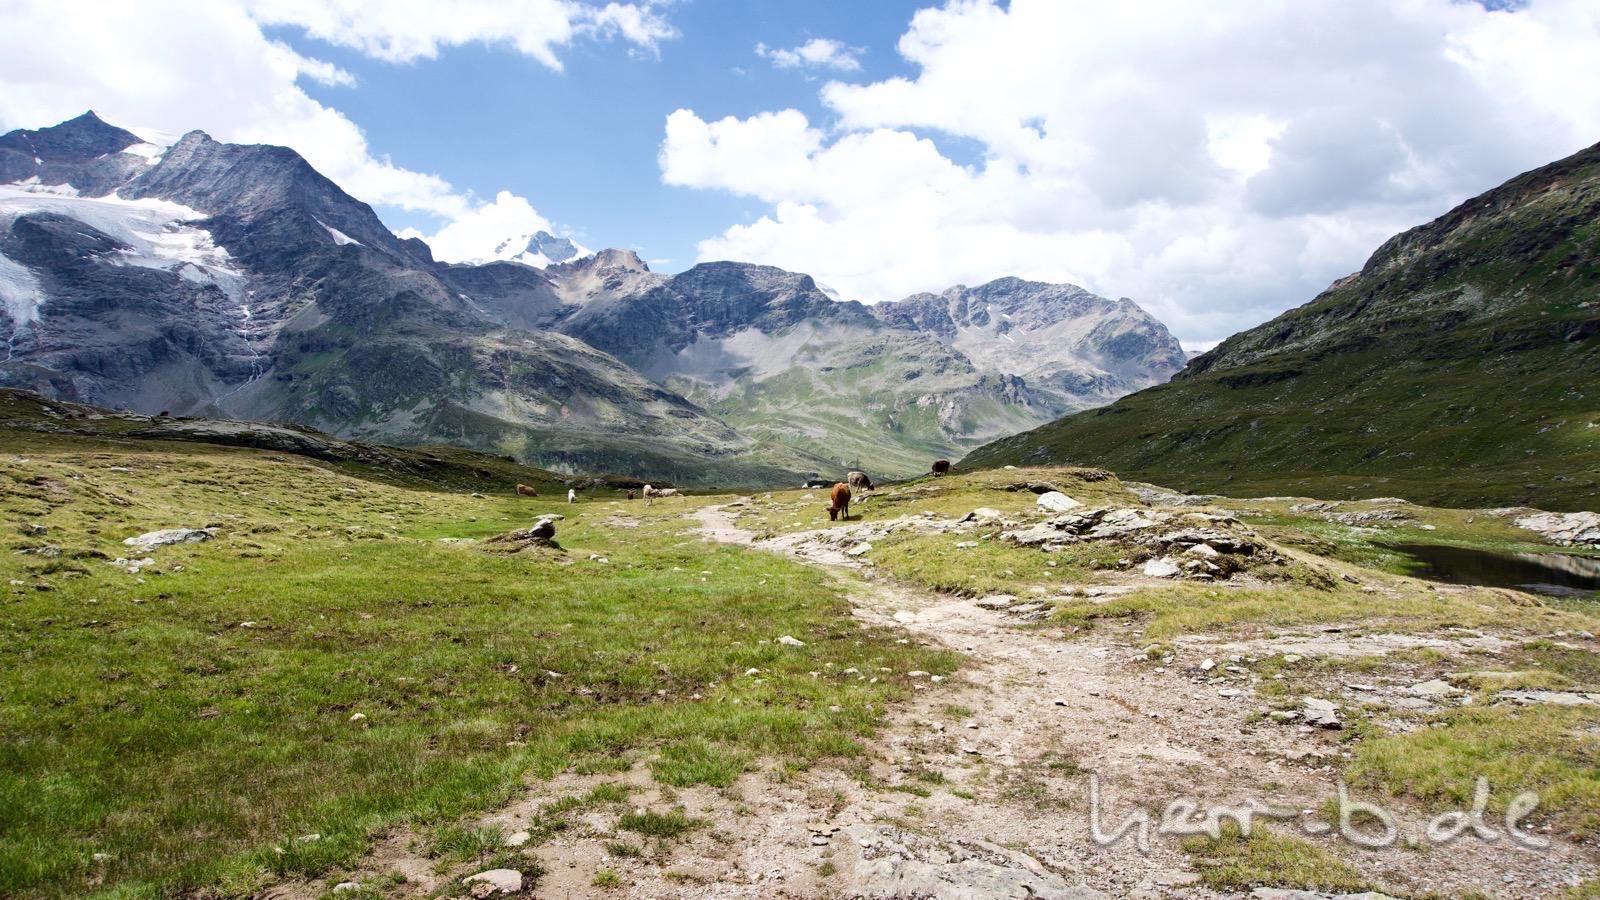 Abfahrt zum Berninapass durch die Kuhherde.